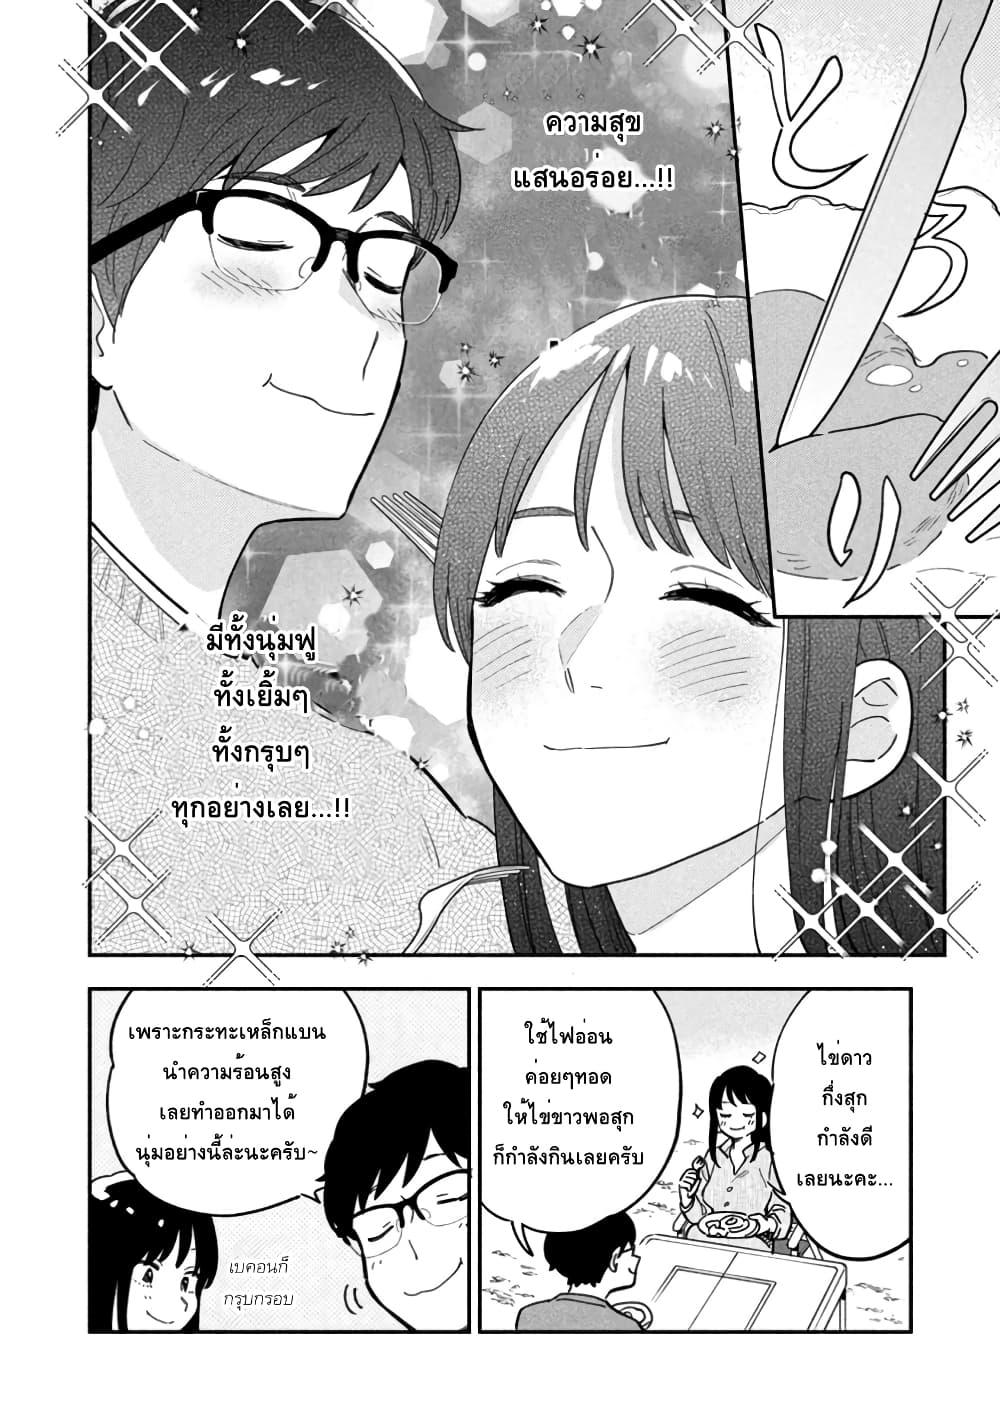 อ่านการ์ตูน Yaiteru Futari ตอนที่ 2 หน้าที่ 16